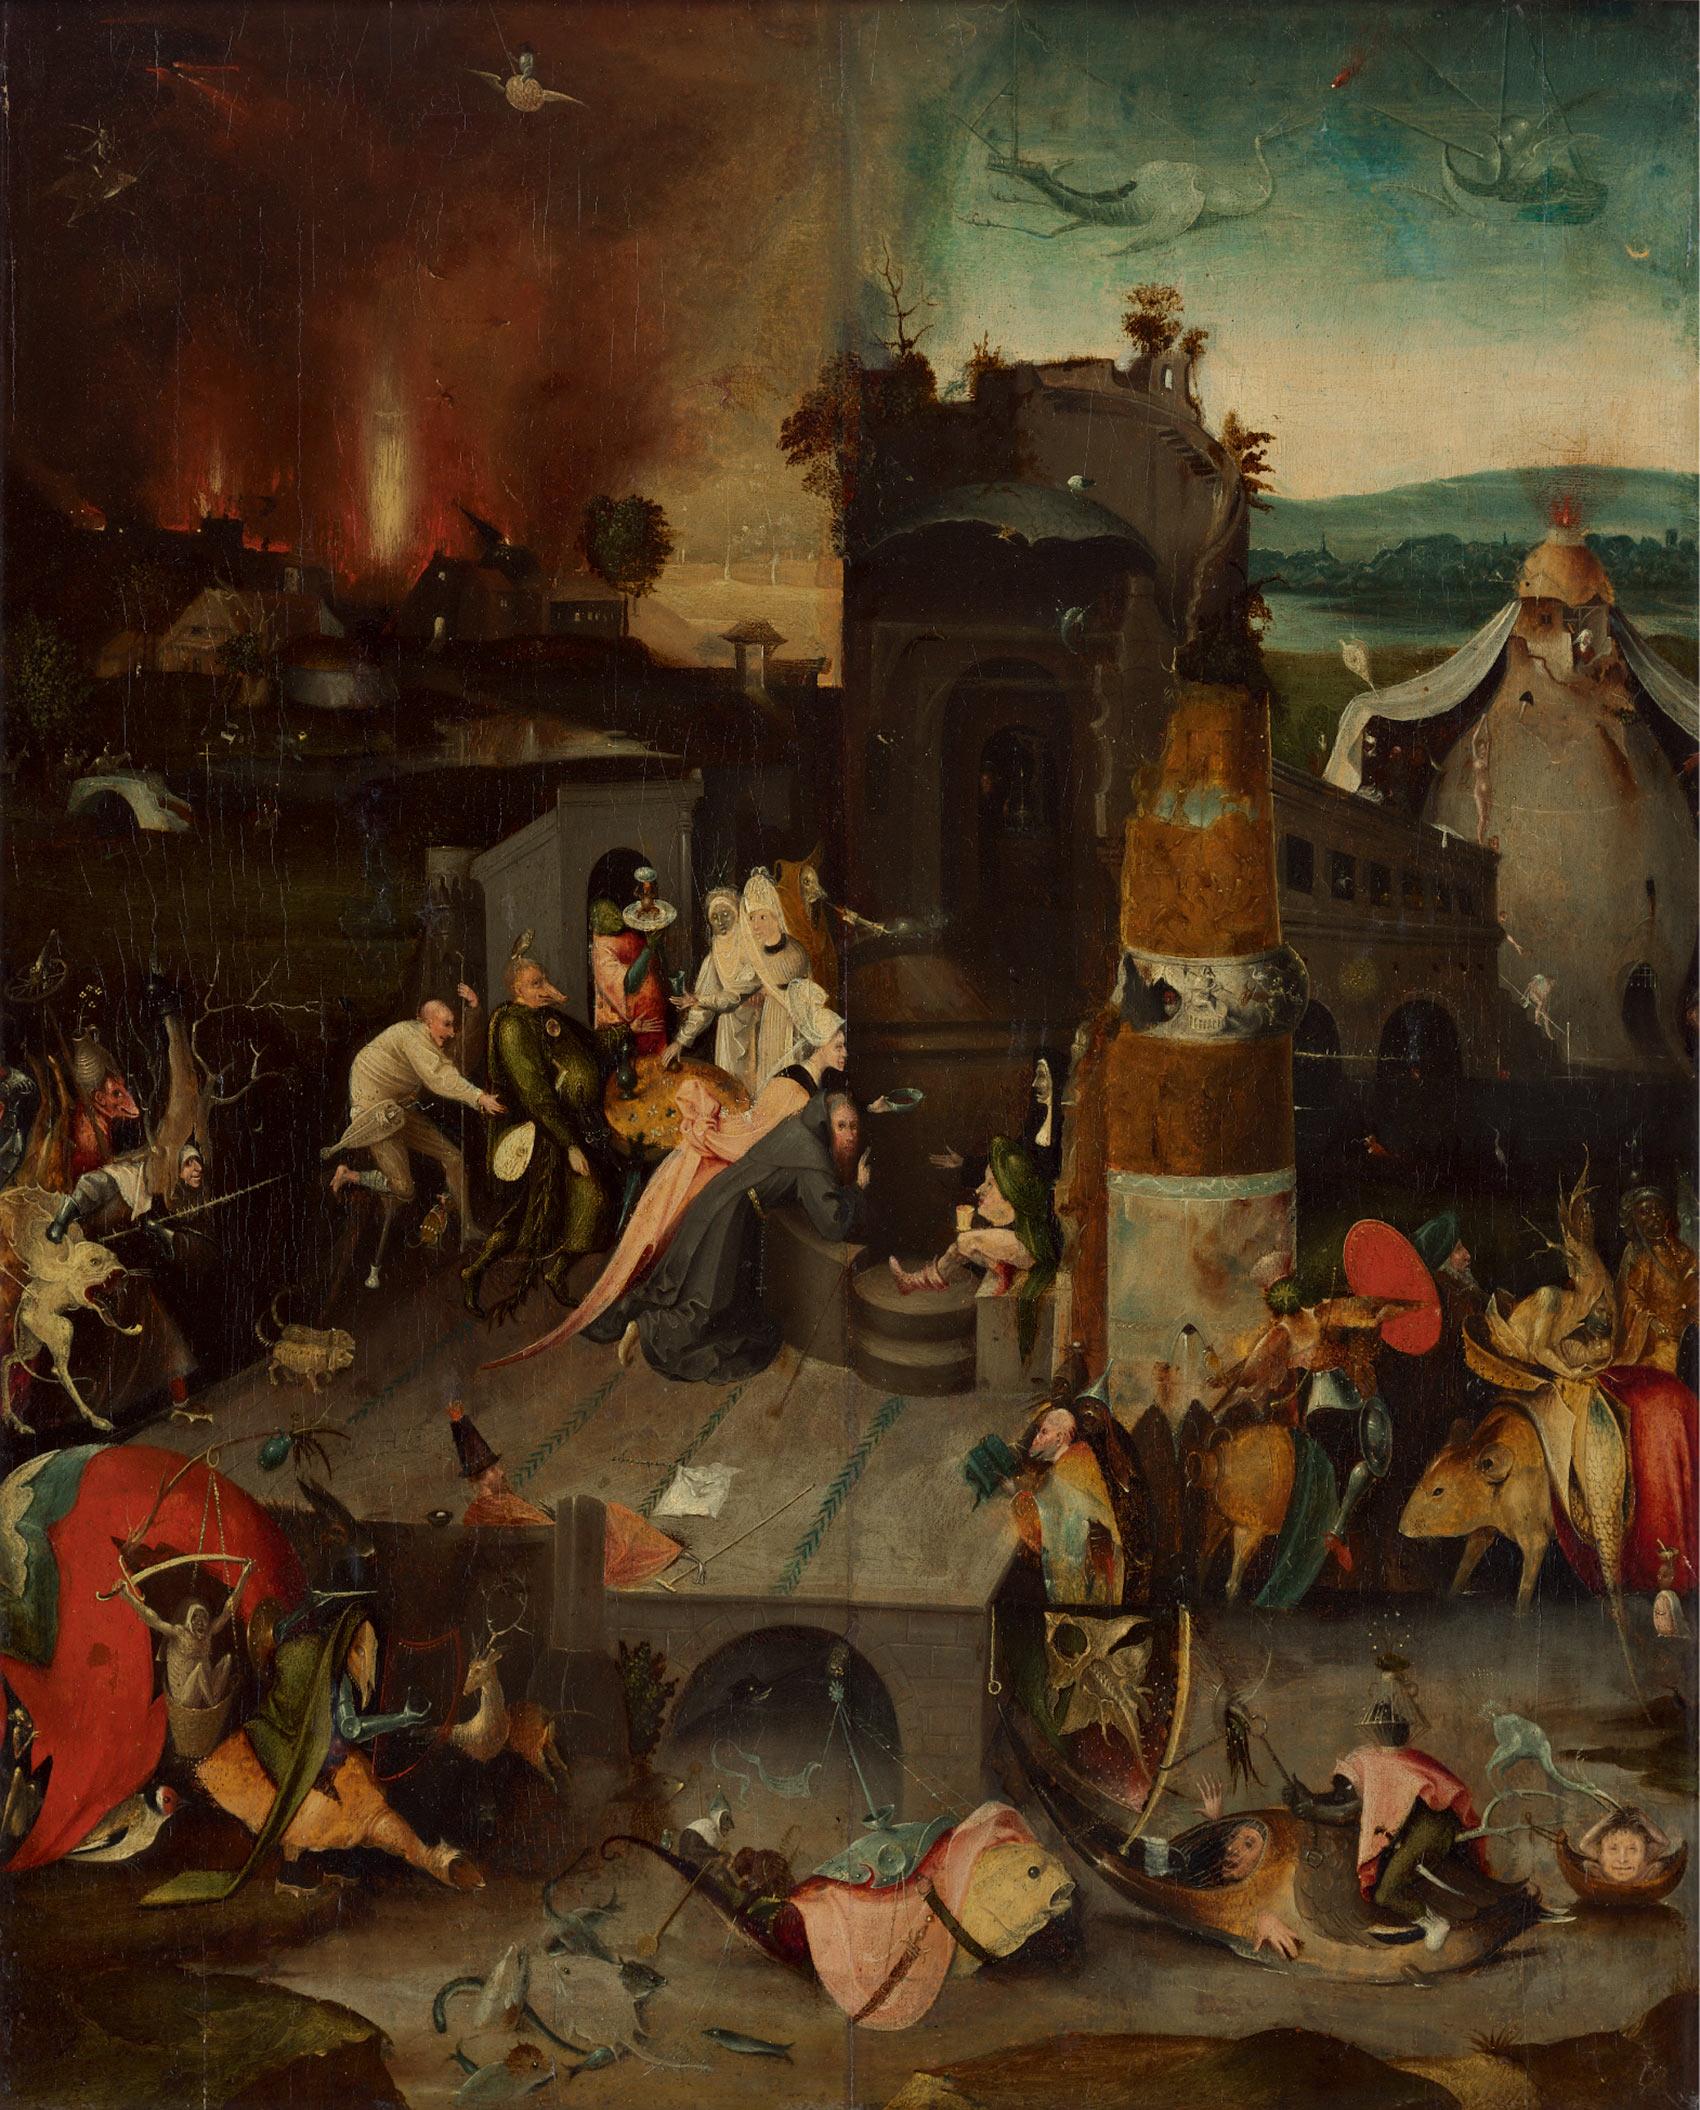 作者不詳(ボス作品の模倣)「聖アントニウスの誘惑」1540年頃 油彩、板 Museum BVB, Rotterdam, the Netherlands